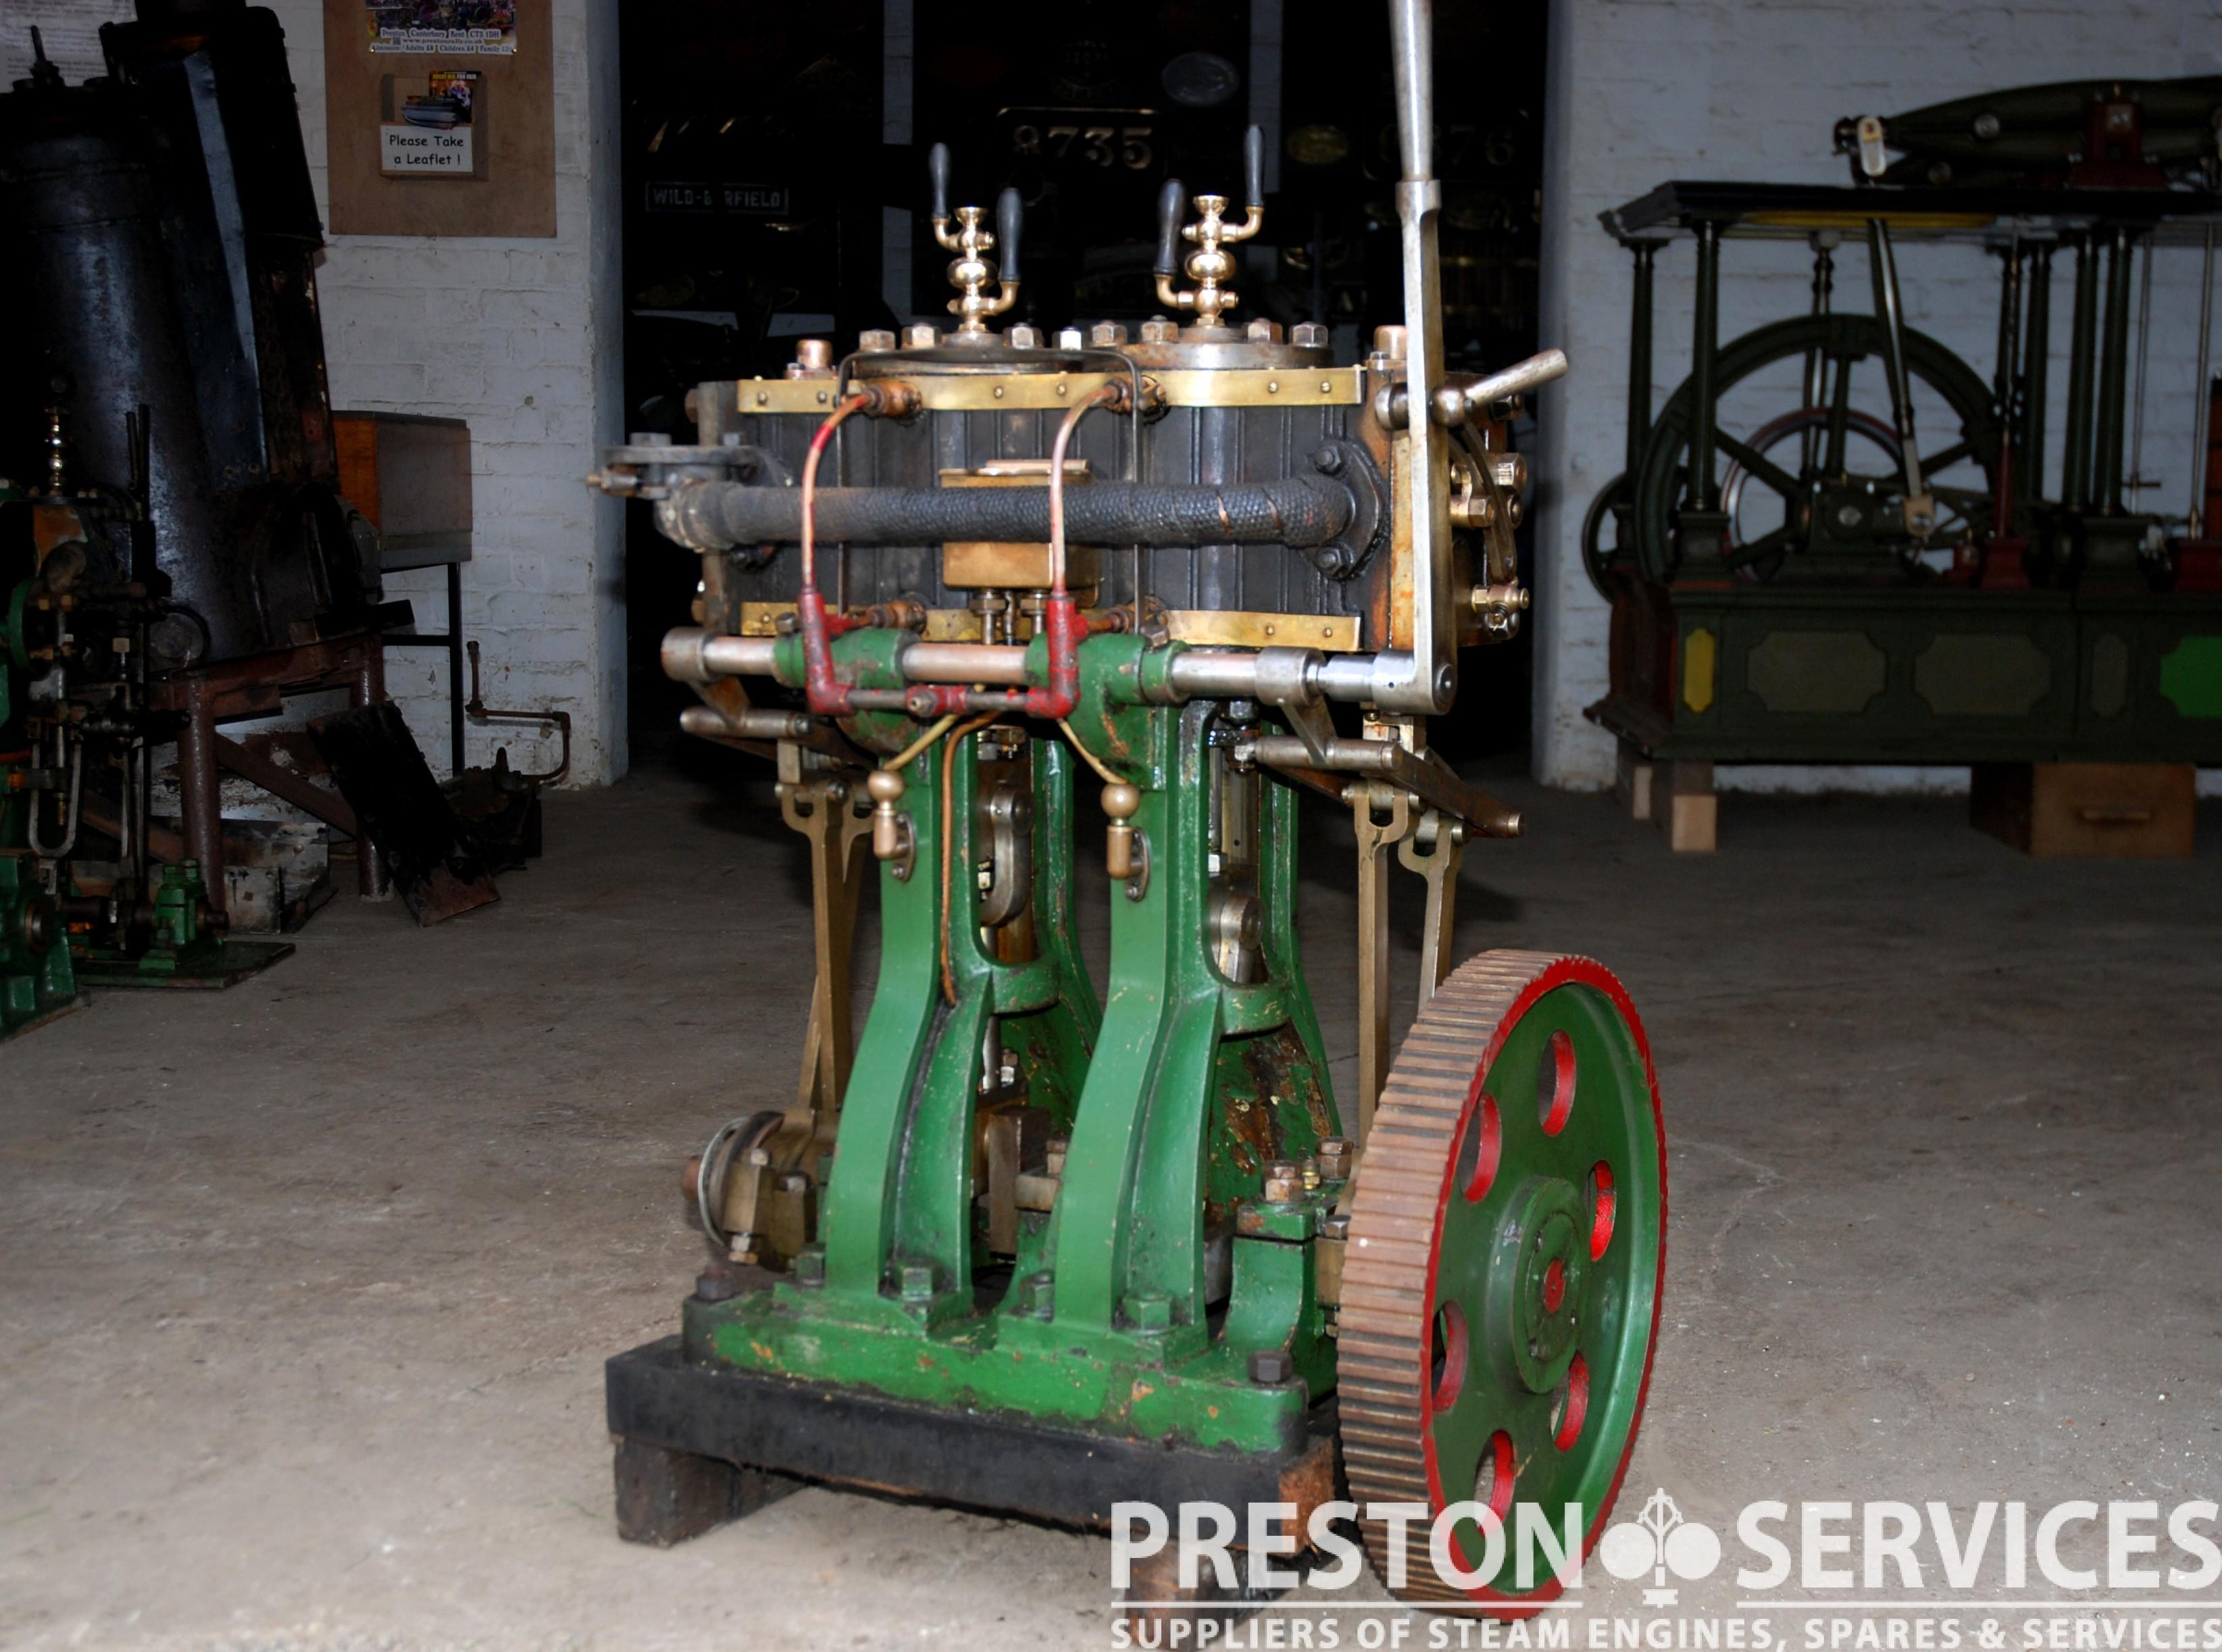 Twin High Pressure Marine Steam Engine Preston Services